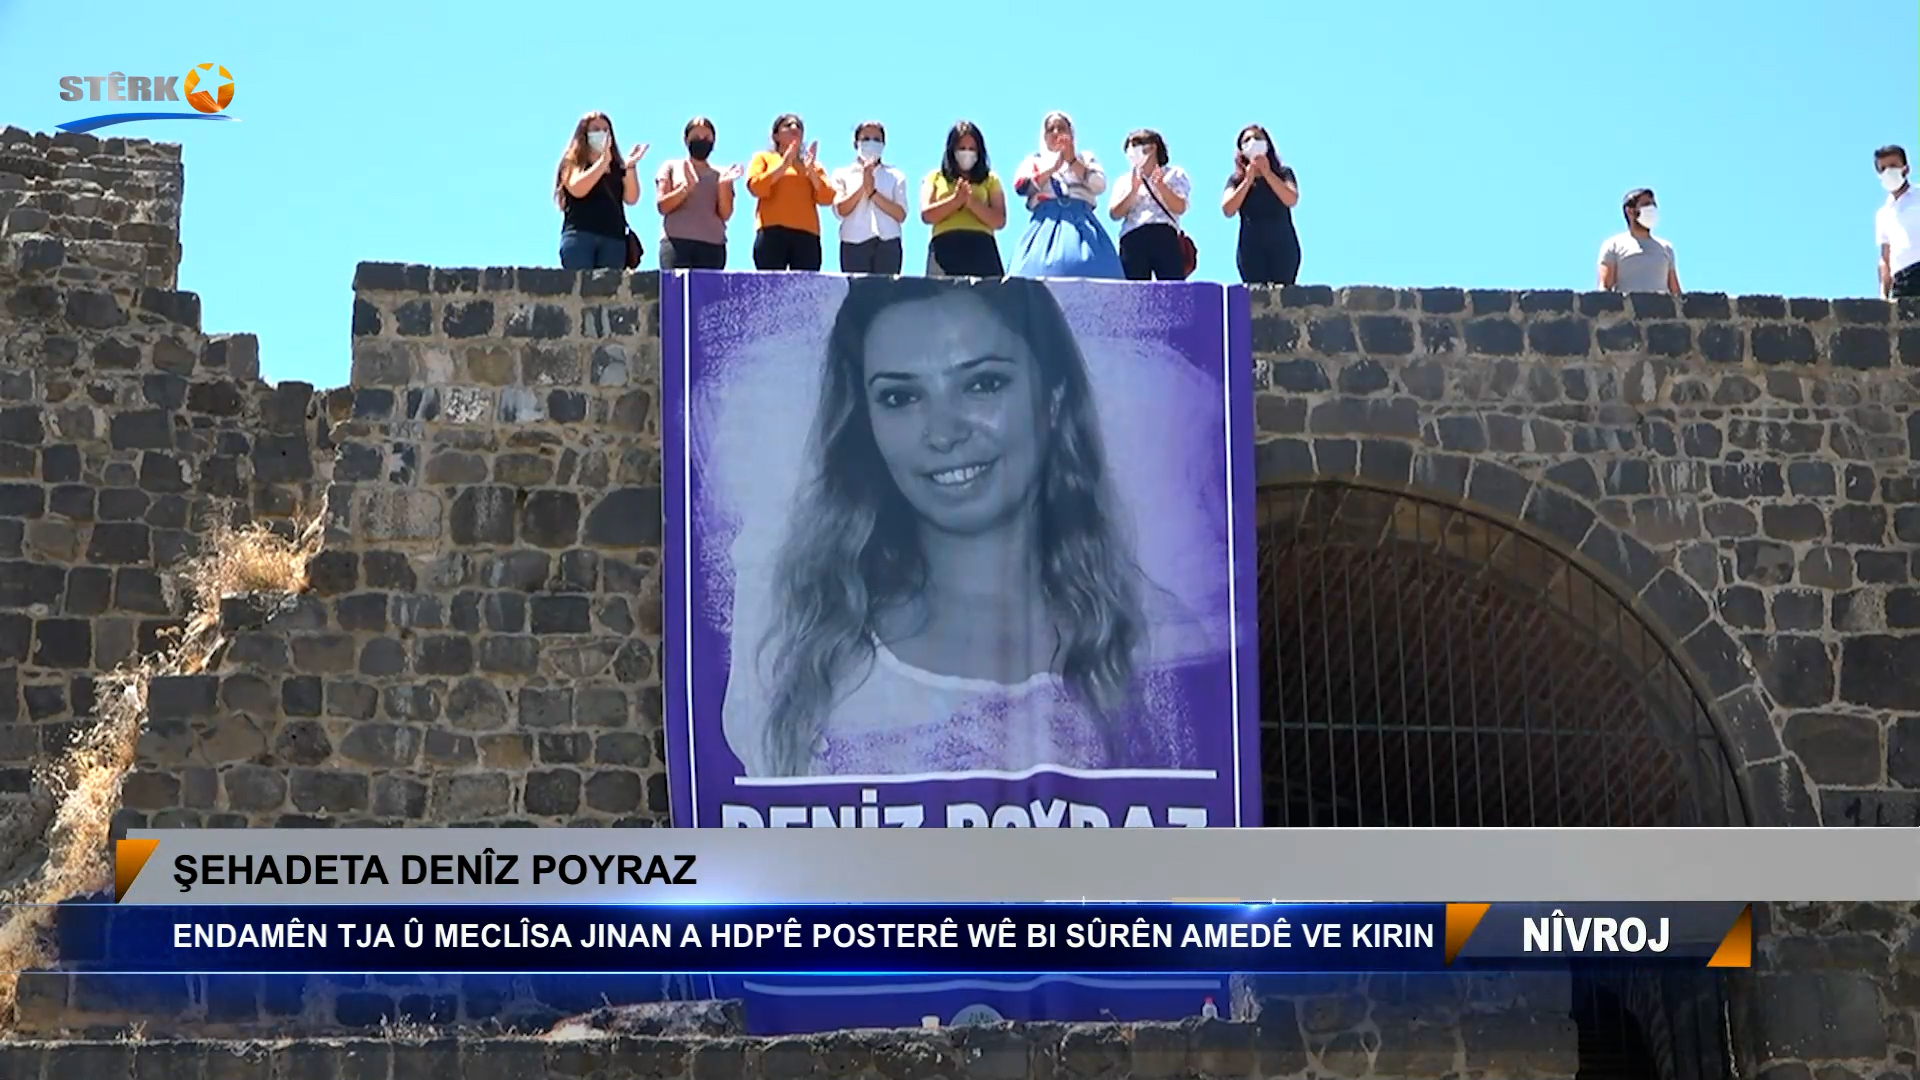 Endamên TJA û meclîsa jinan a HDP'ê posterê Denîz Poyraz bi sûrên Amedê ve kirin